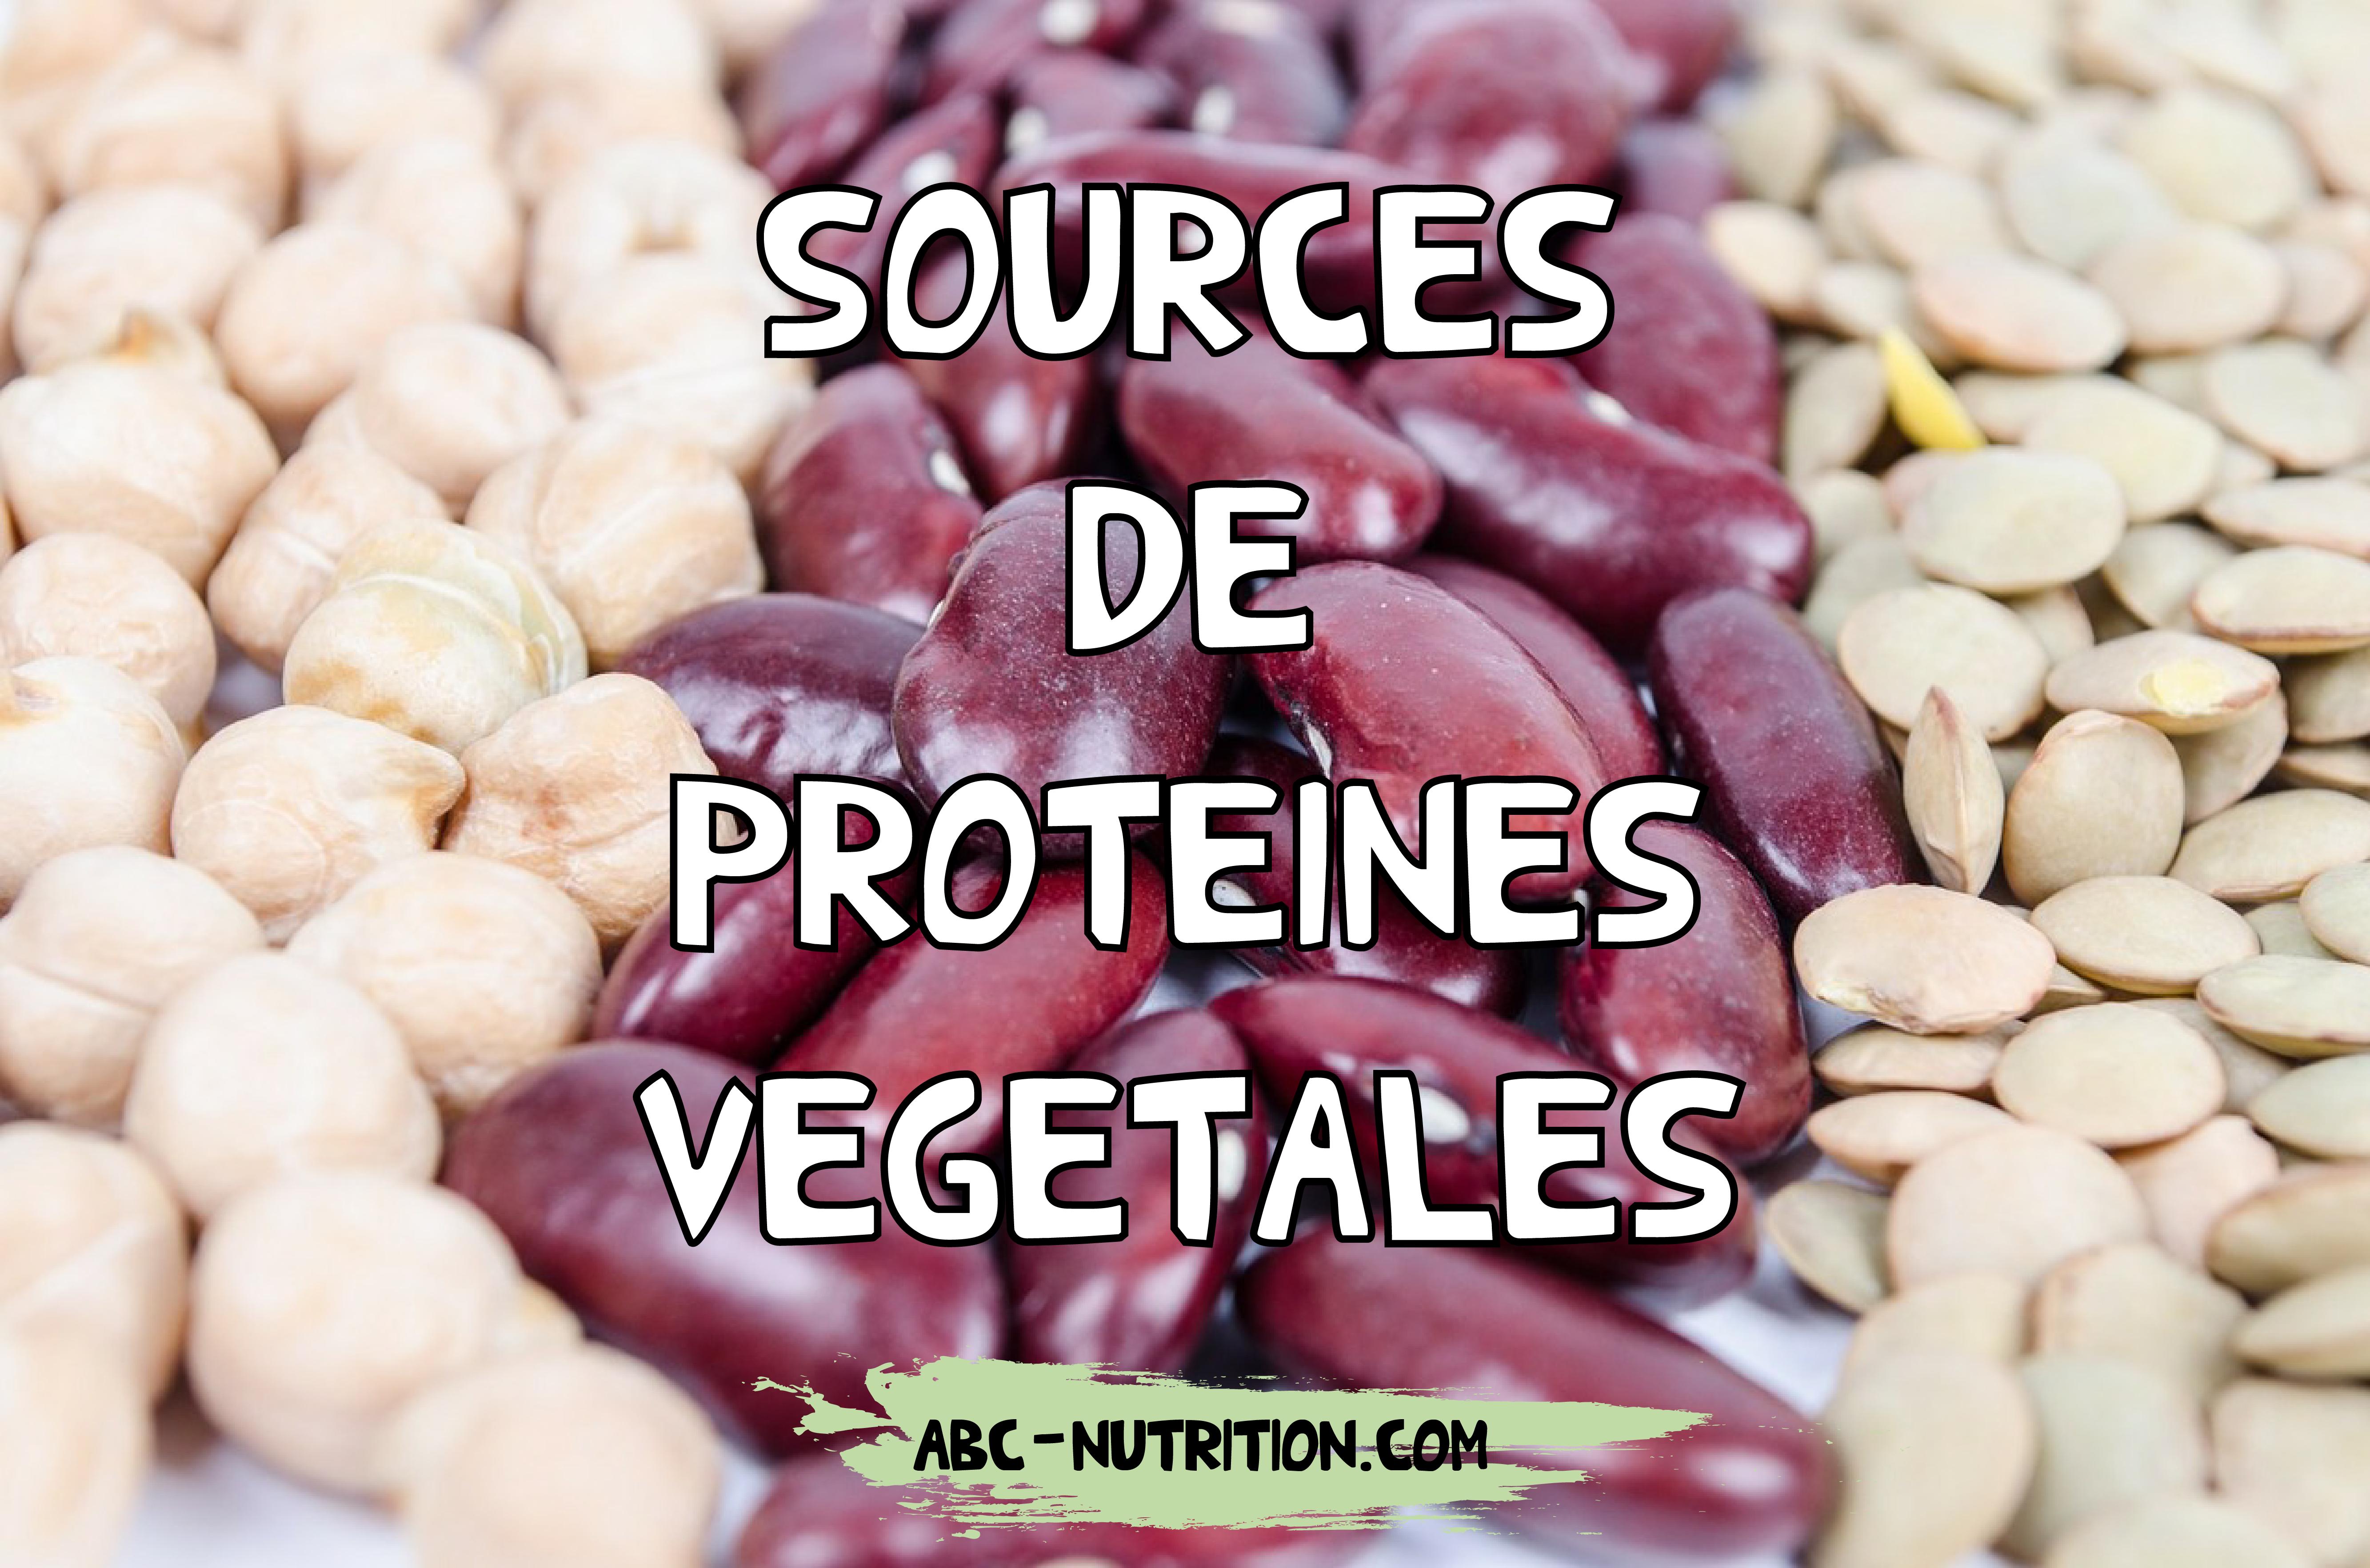 Protéines végétales – Guide complet